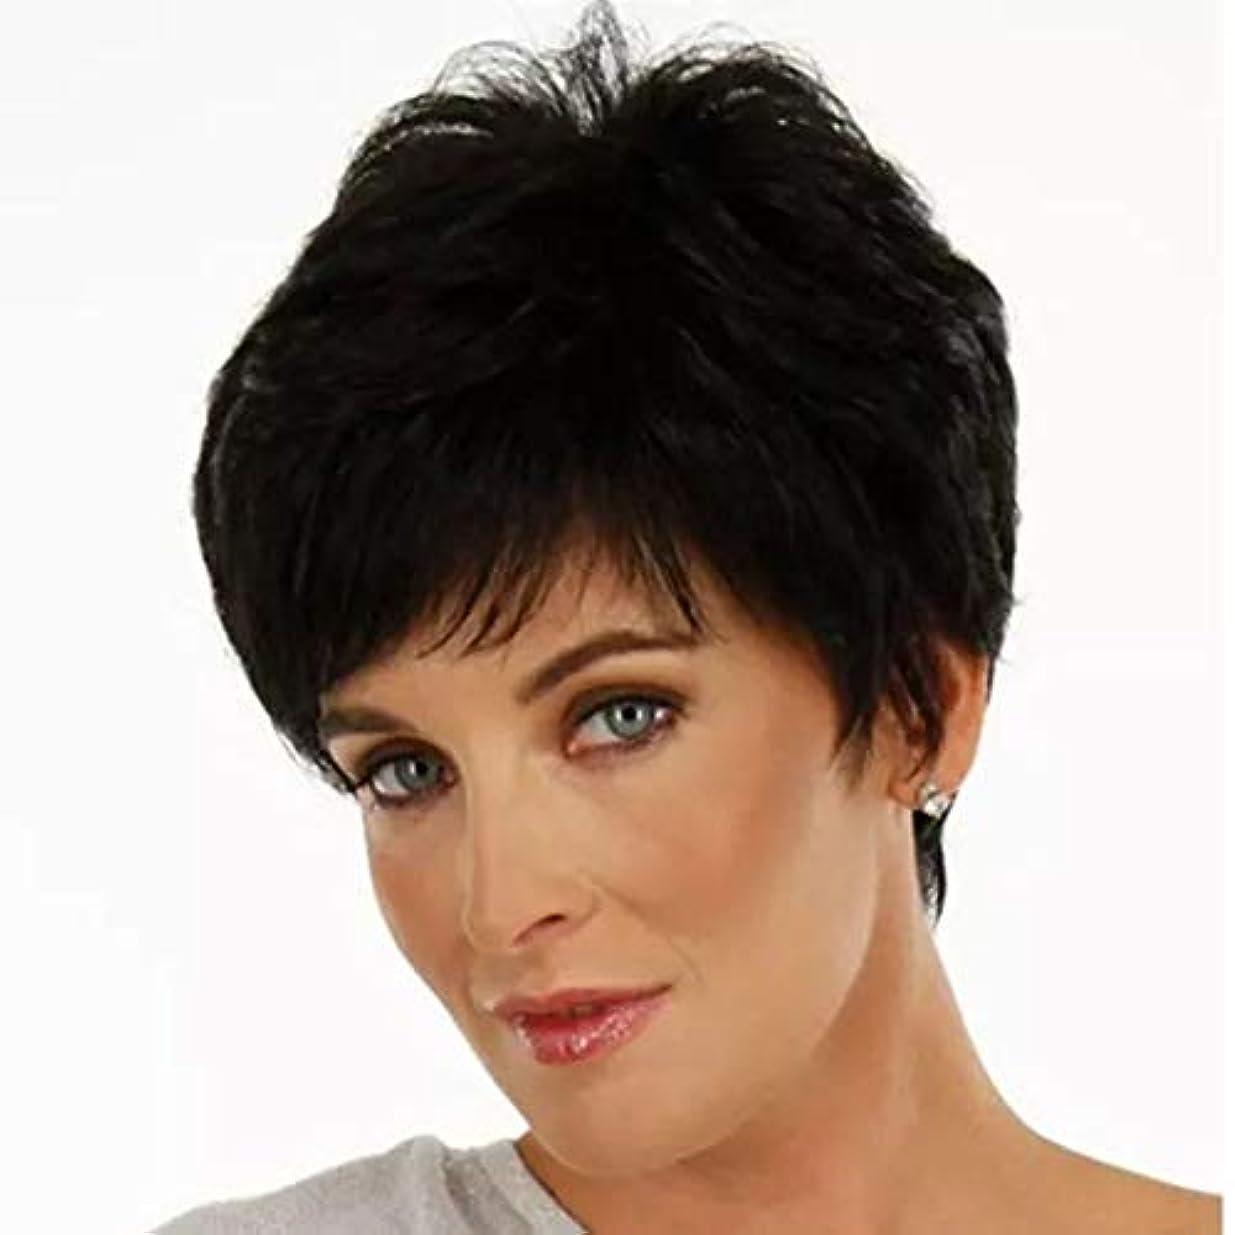 起きてエンドテーブル採用するKerwinner 女性のための短いストレートヘアケアファイバー高温シルクウィッグヘッドギアをかつら